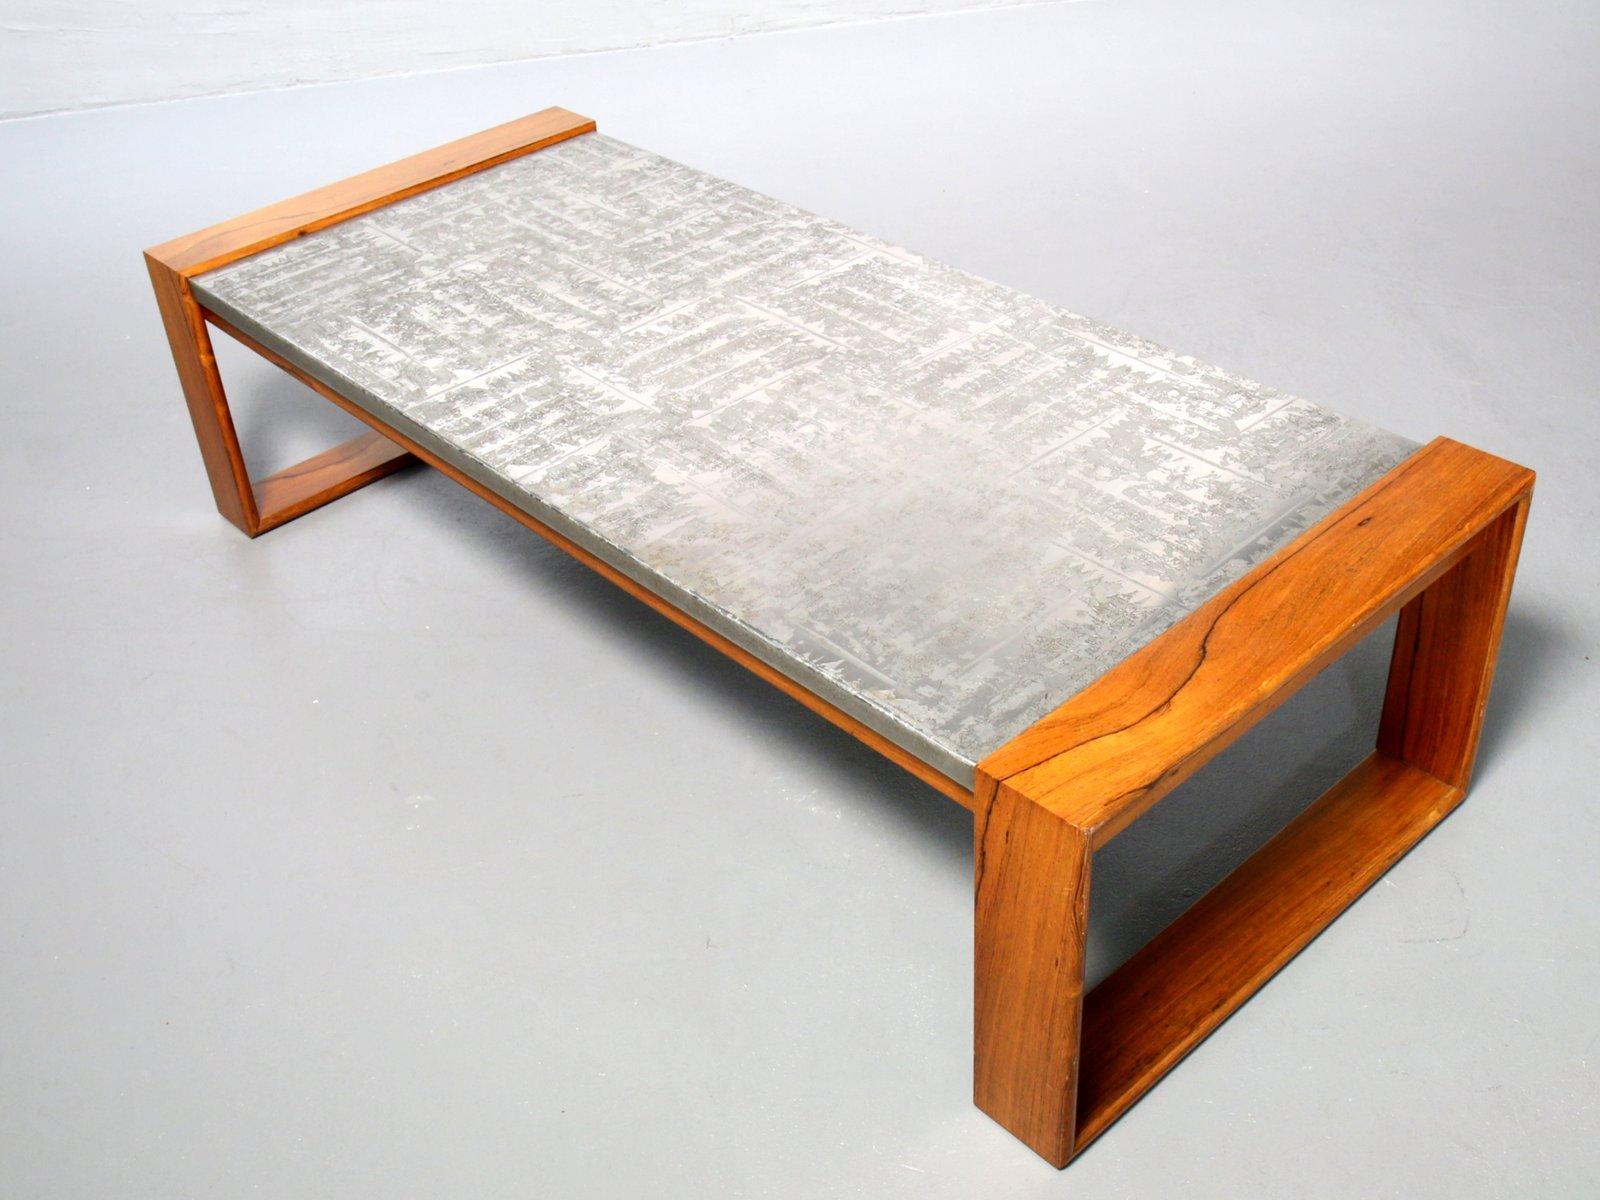 Brutalistischer Couchtisch aus Aluminium & Holz, 1970er